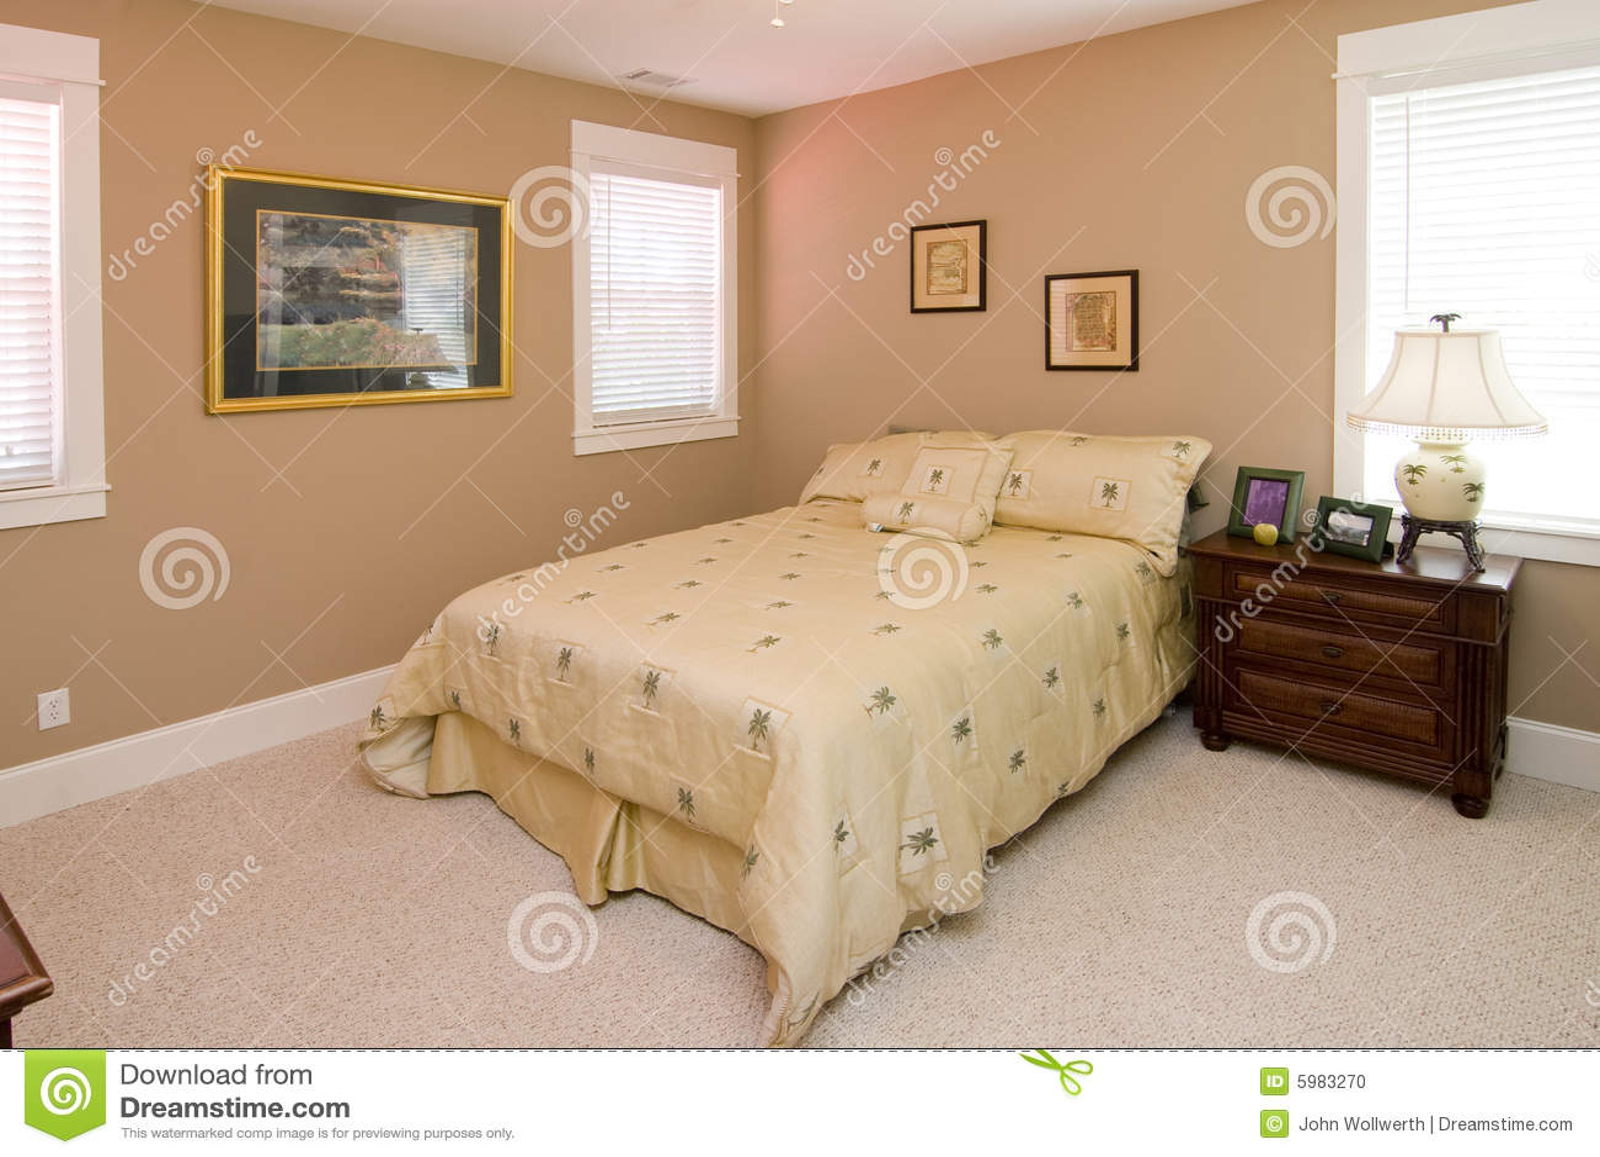 Koraalkleur De Woonkamer : De eenvoudige slaapkamer van de koraalkleur stock foto